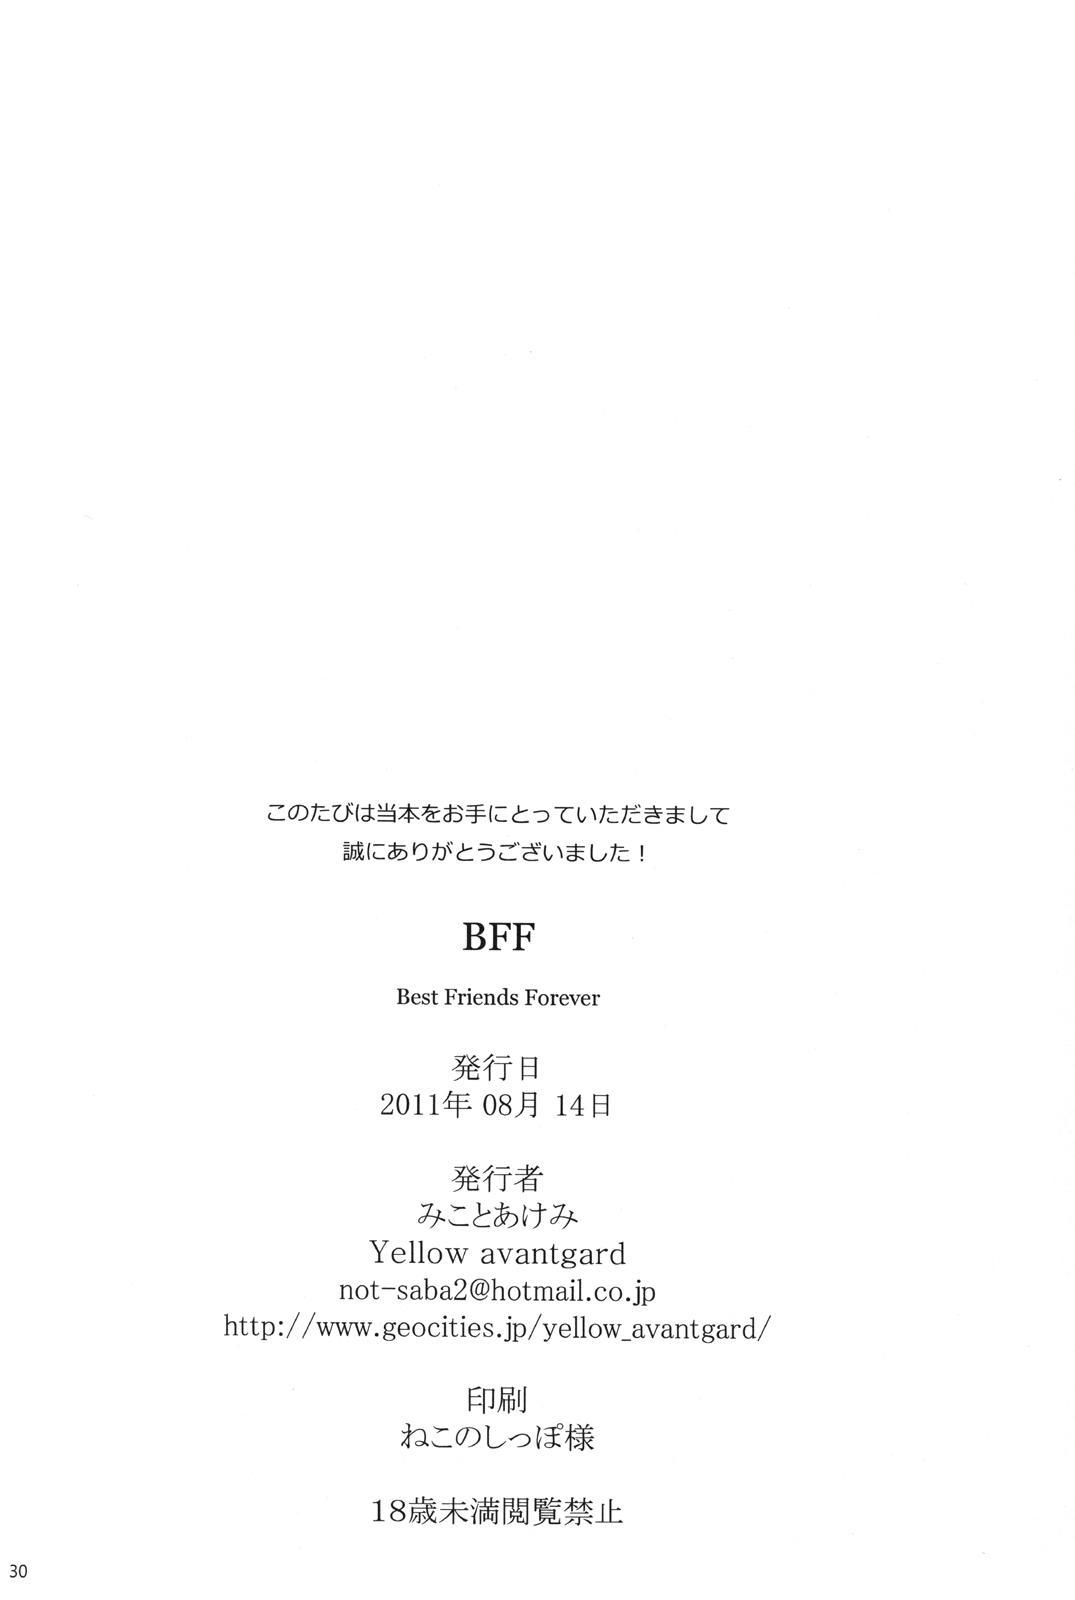 B.F.F. 28